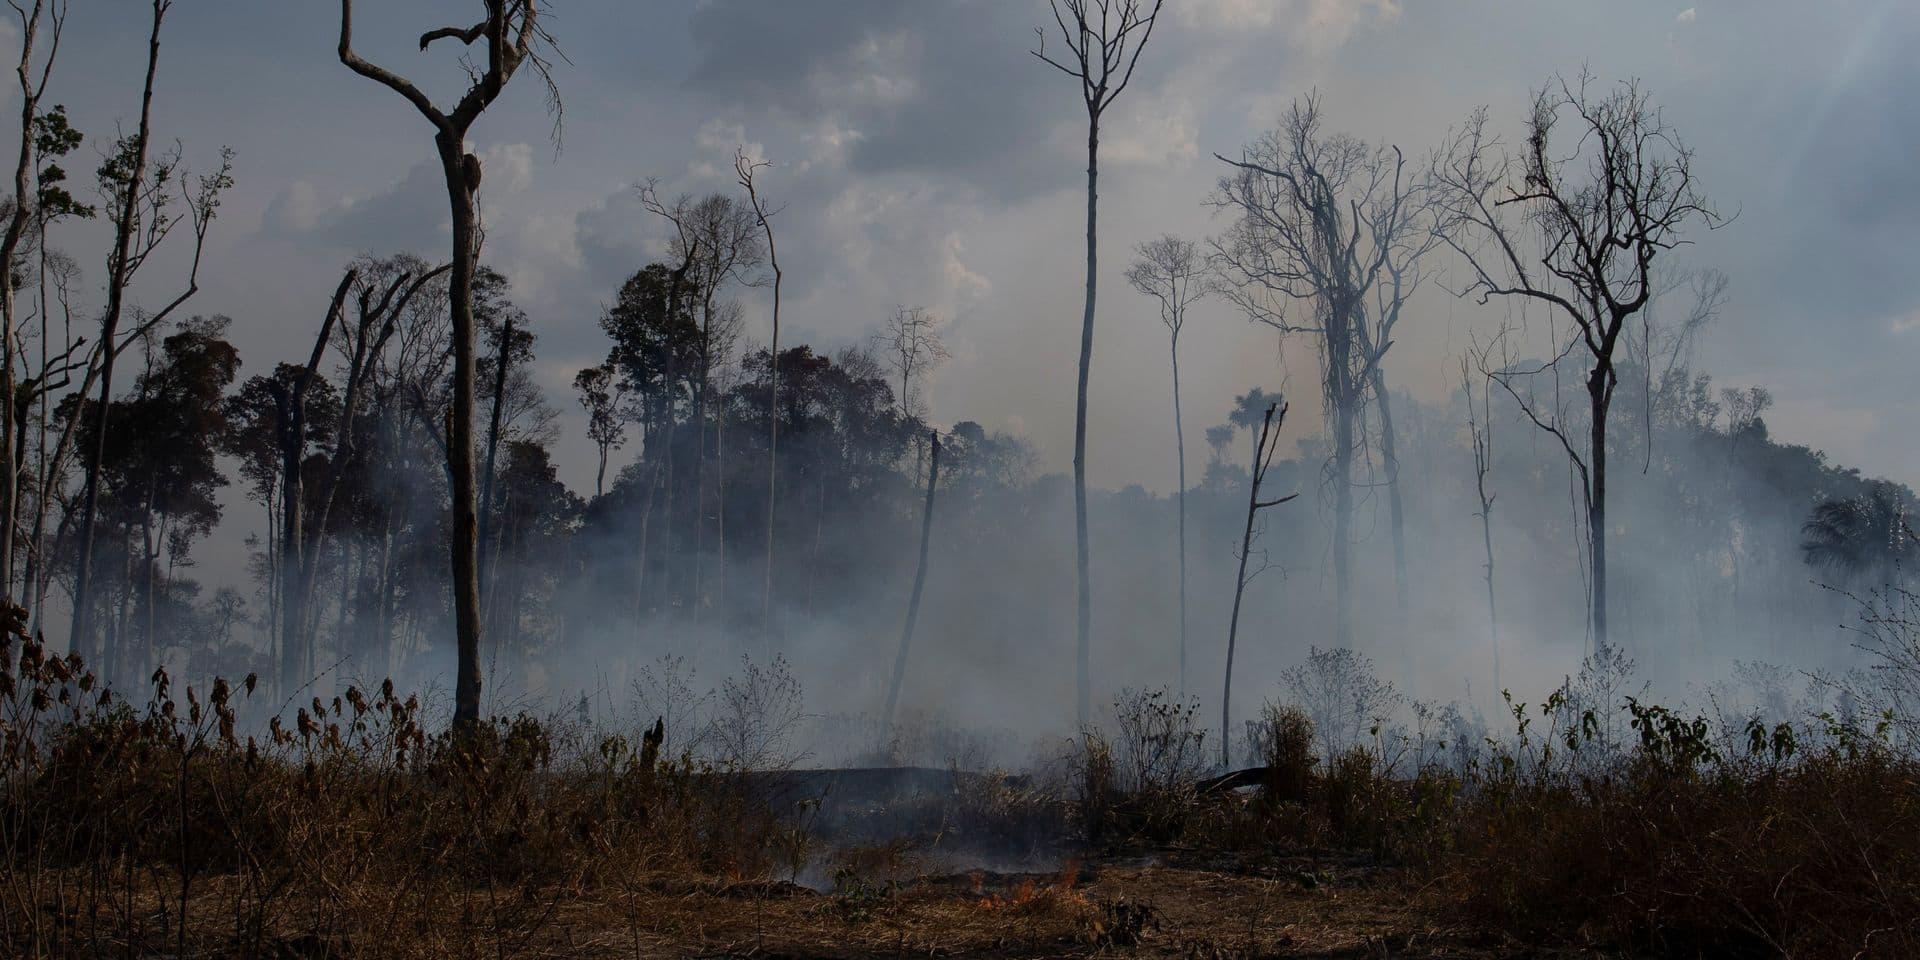 La Belgique contribue à la lutte contre les feux de forêt en Amazonie